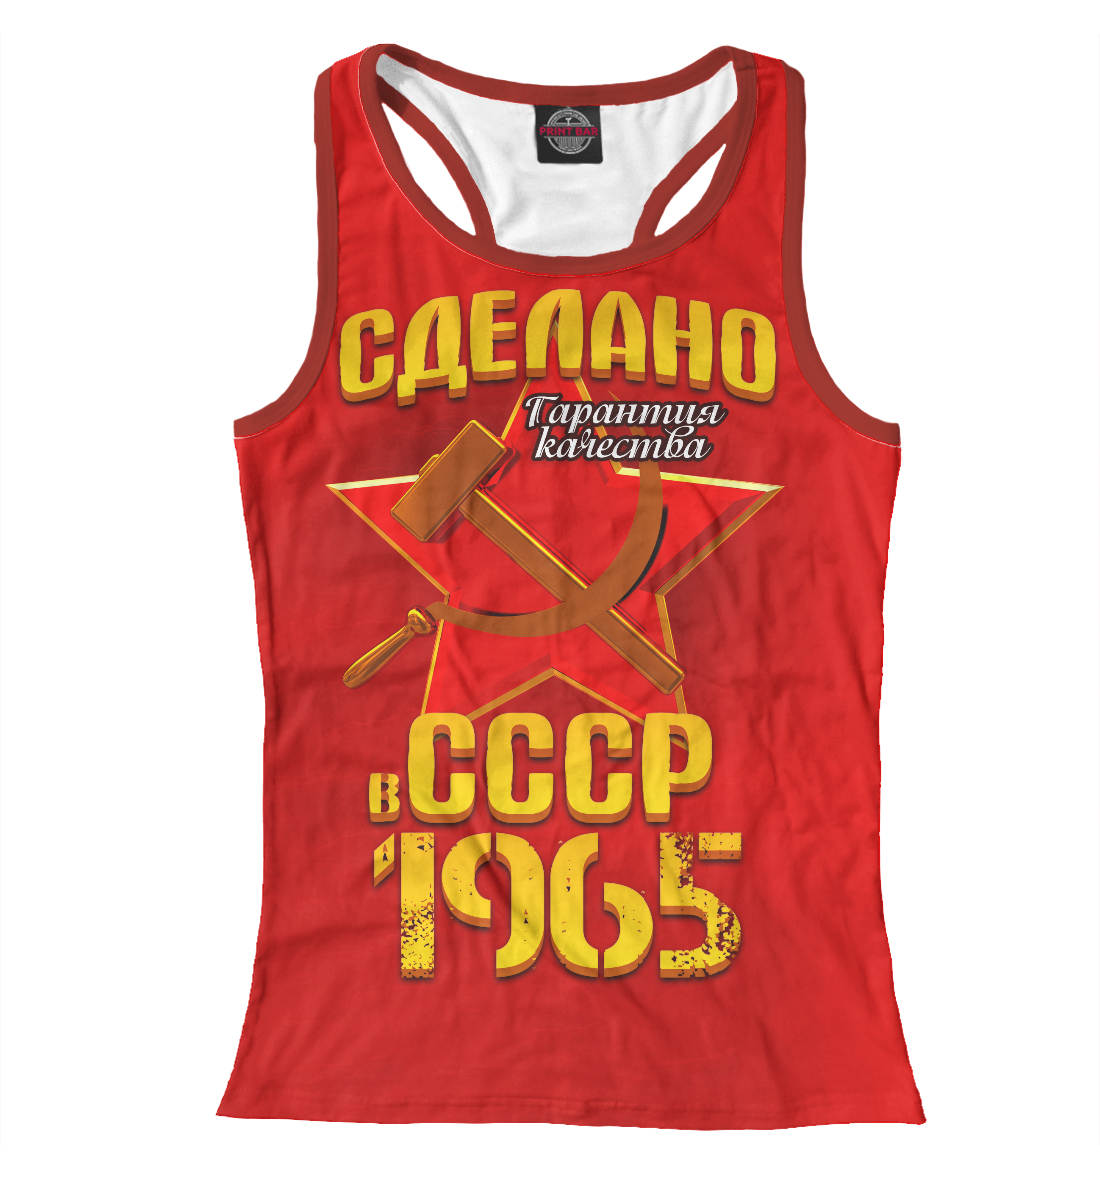 Купить Сделано в 1965, Printbar, Майки борцовки, DHP-485695-mayb-1